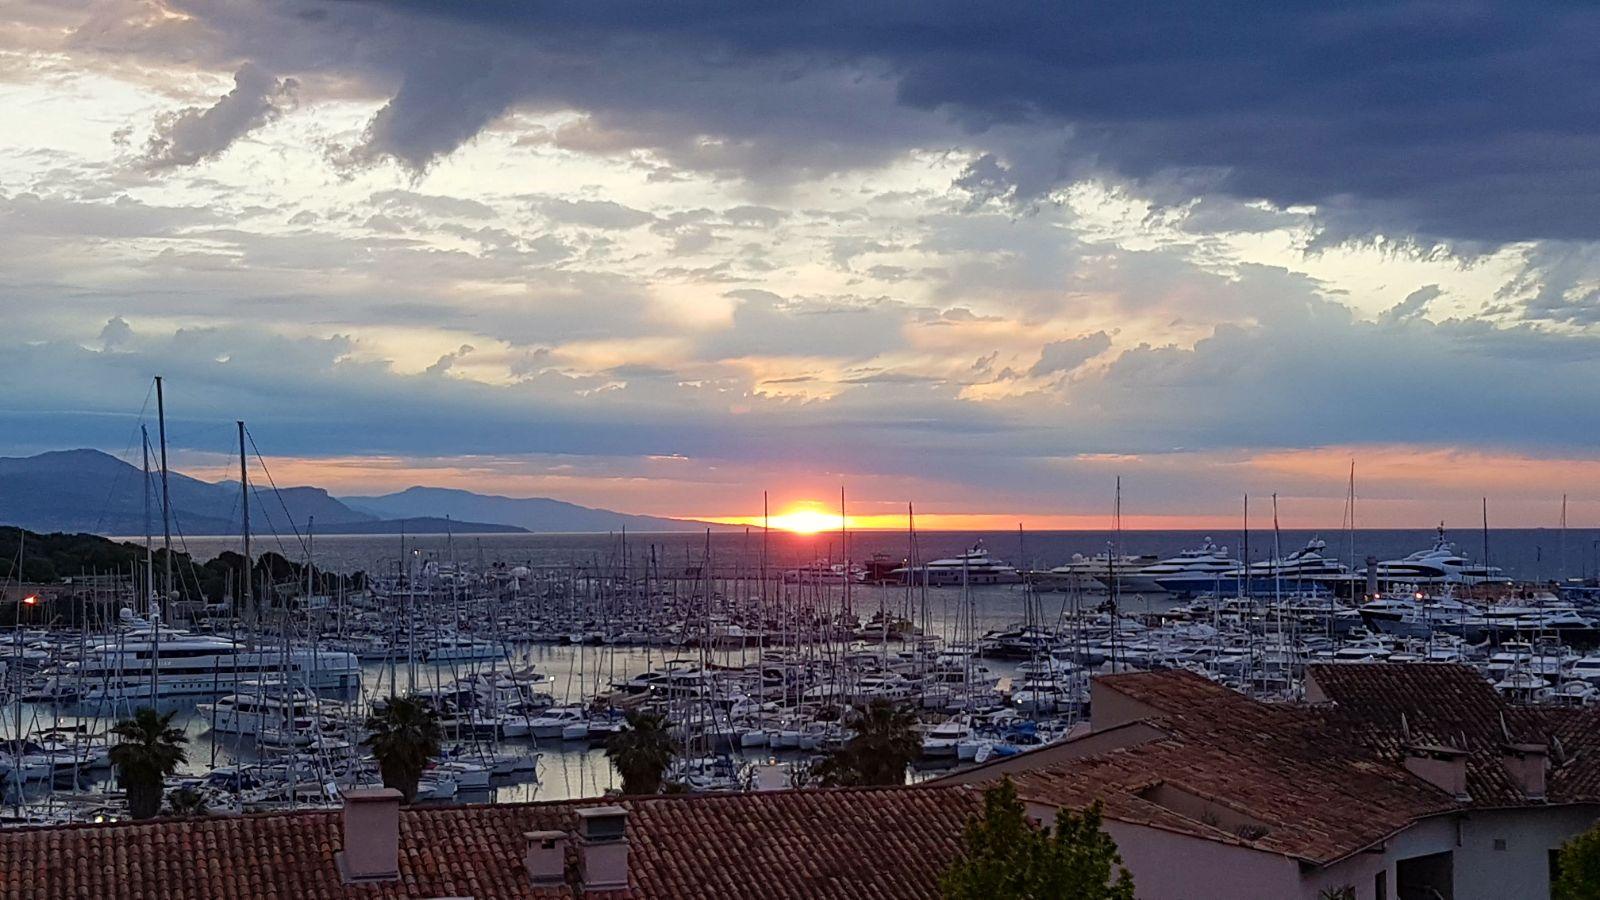 sundown port vauban